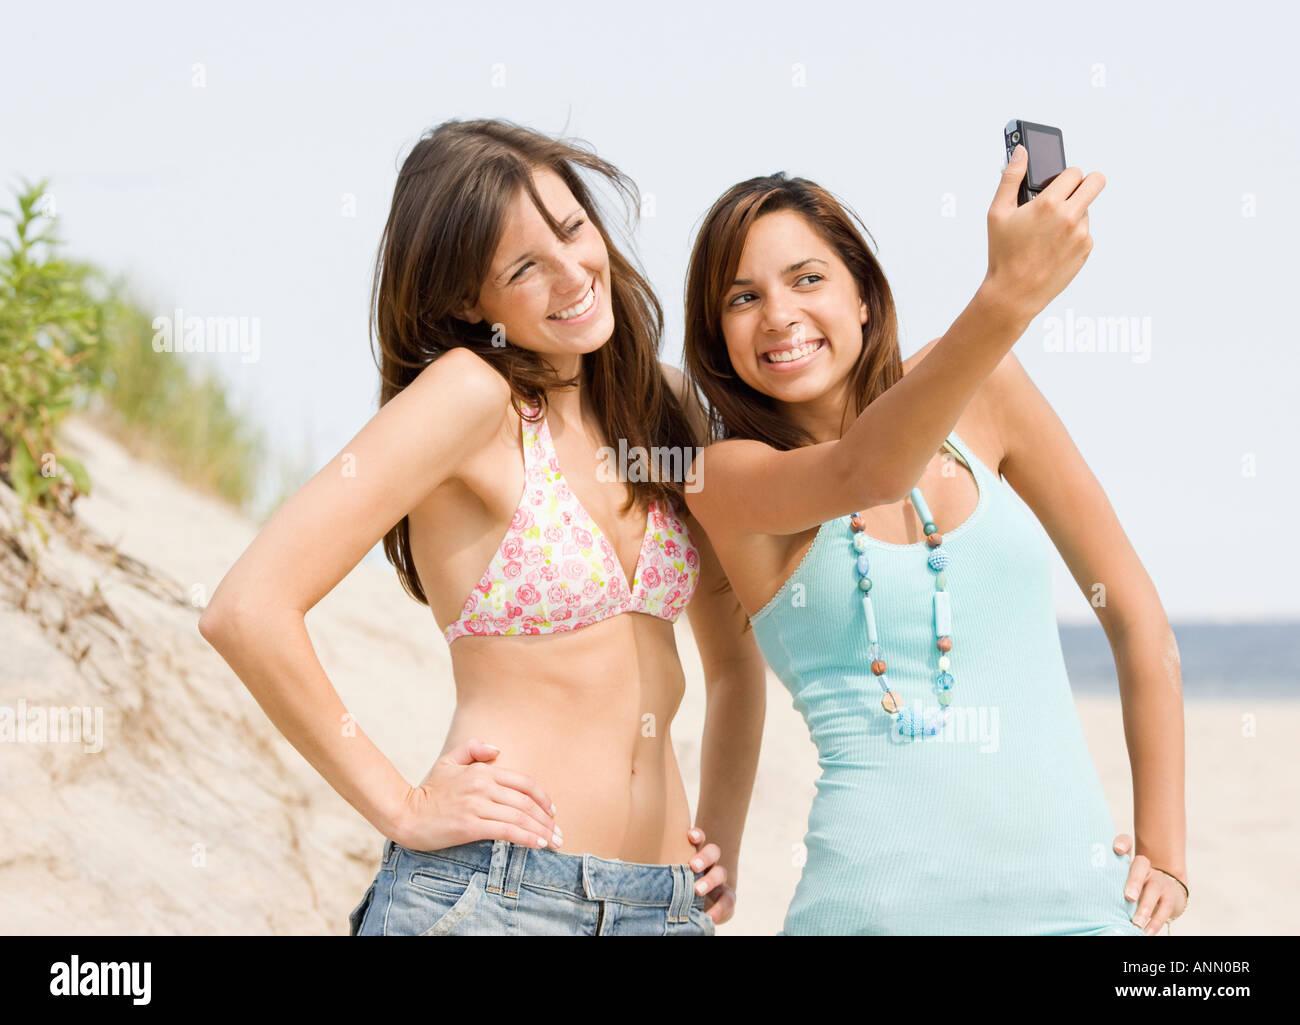 Las mujeres jóvenes teniendo propia fotografía Imagen De Stock